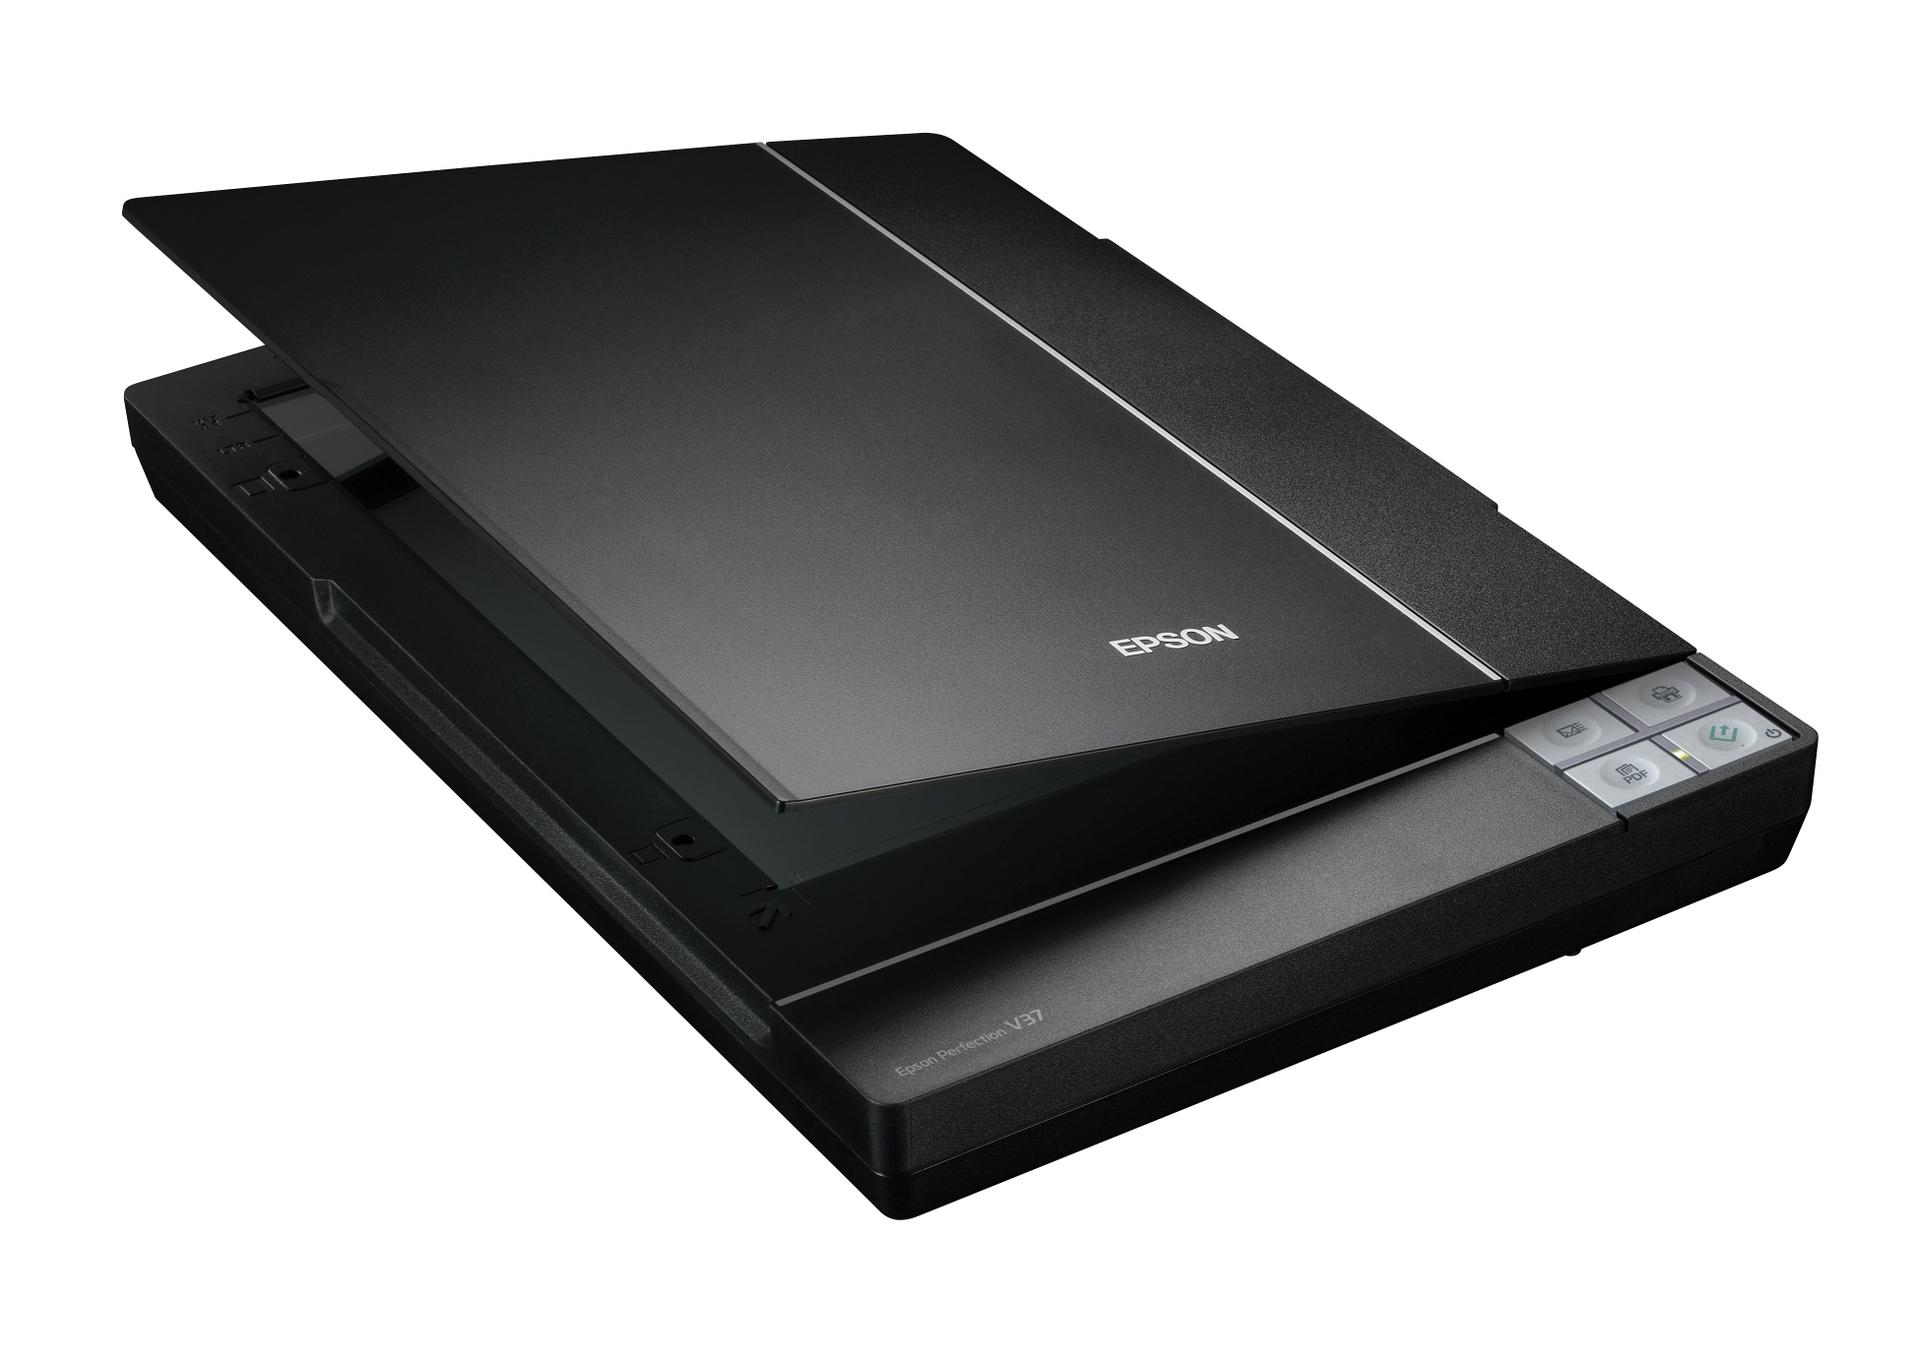 EPSON Perfection V37 Scanner